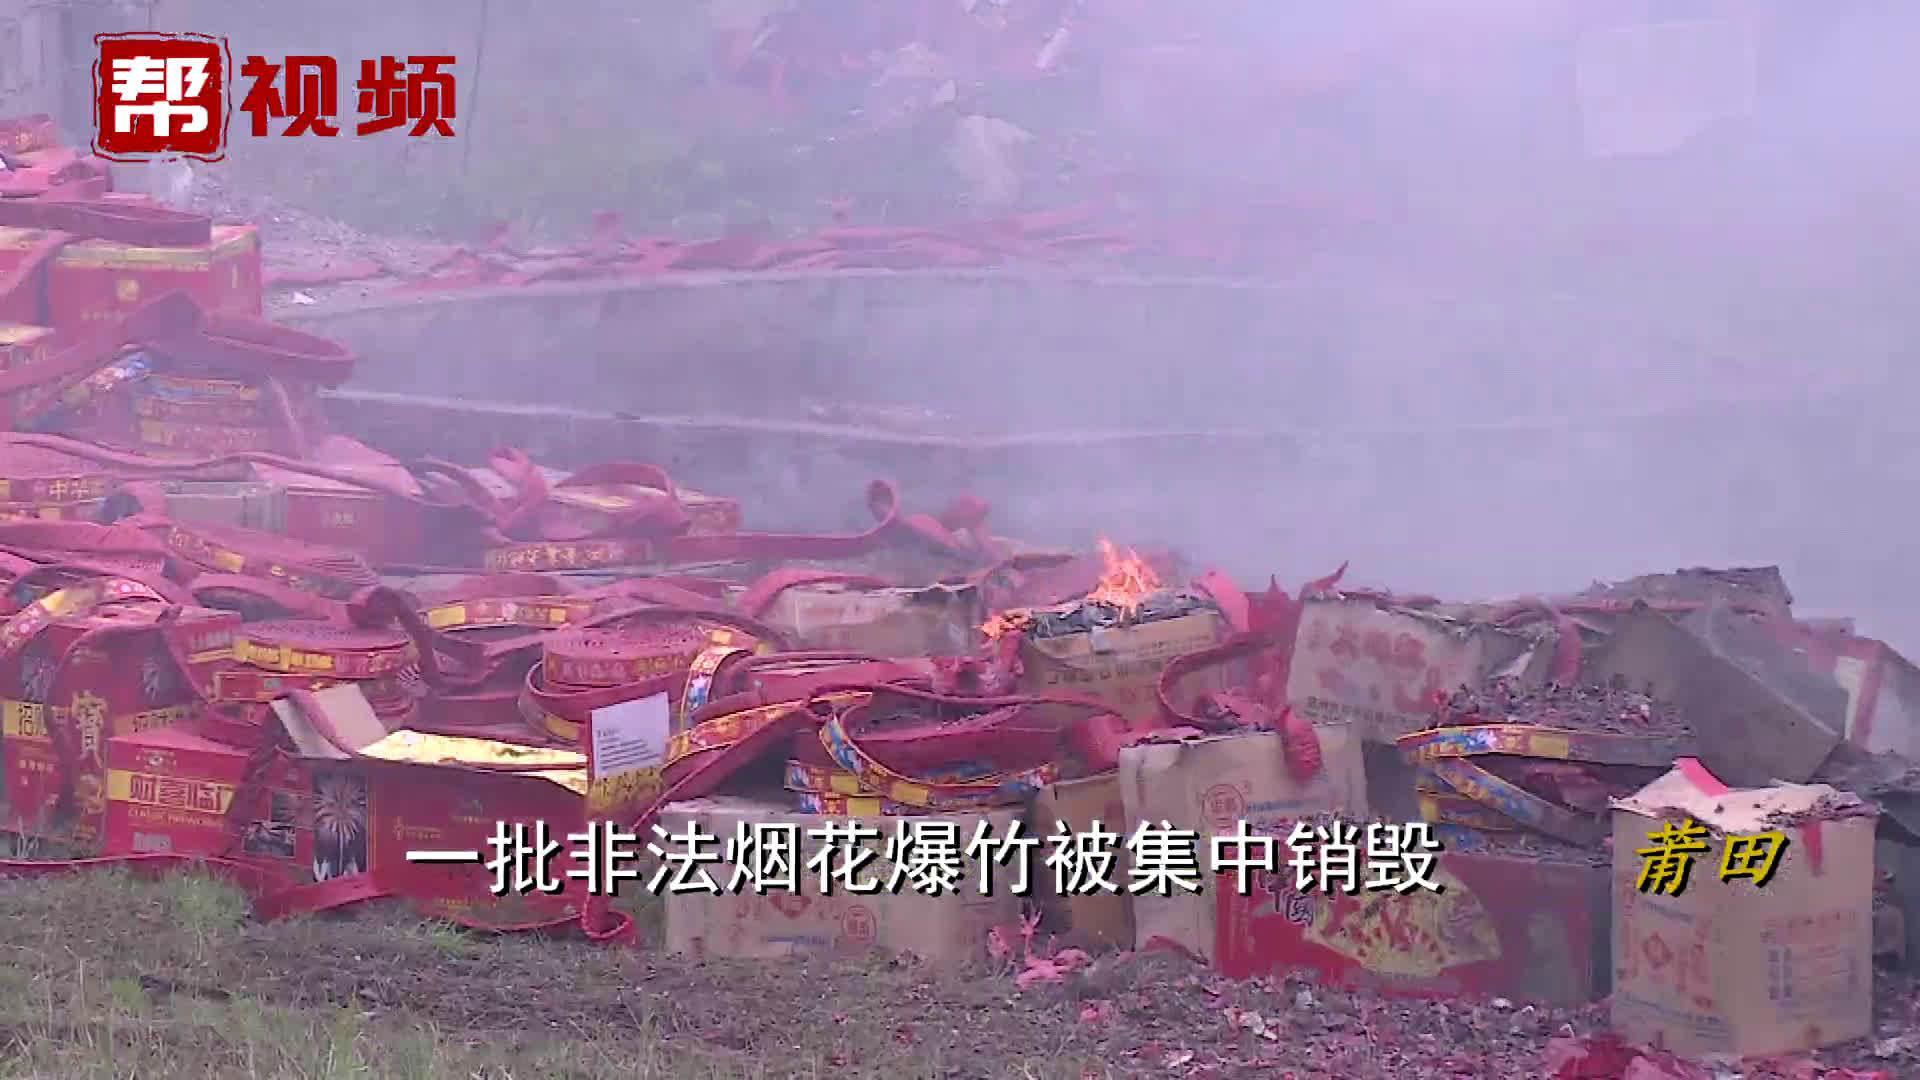 聘专业爆破单位,拉响警戒线,对非法烟花爆竹制品集中燃放销毁